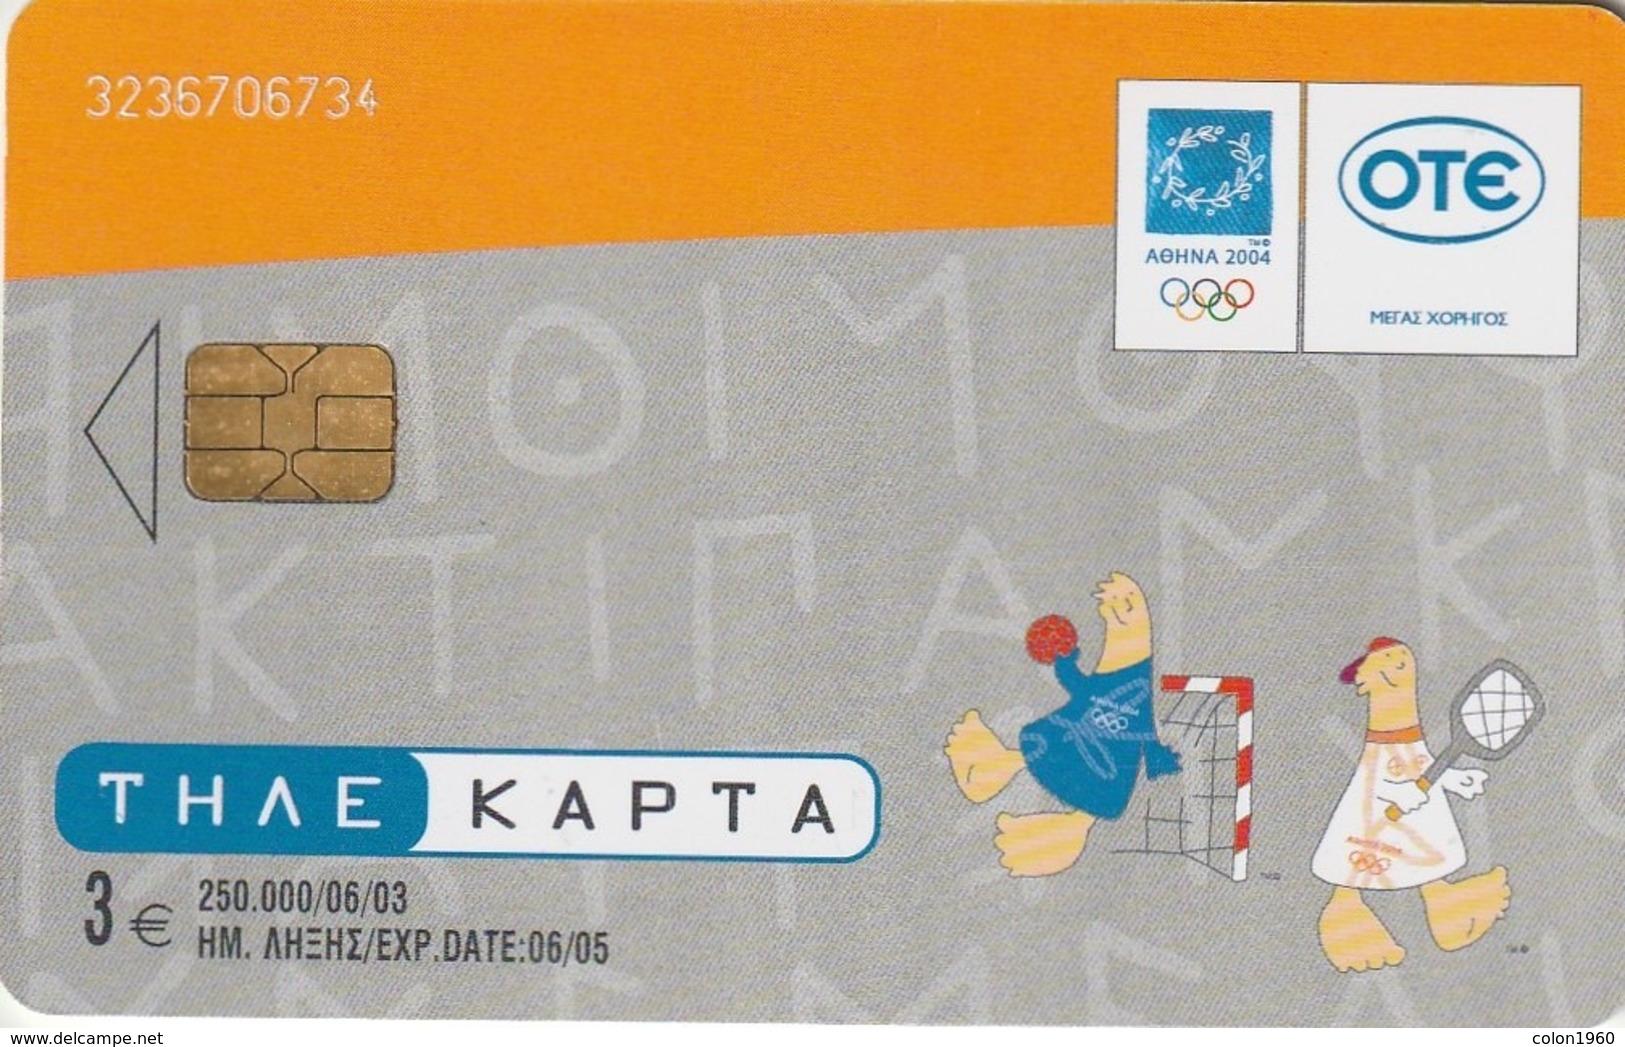 GRECIA. JUEGOS OLIMPICOS. J.J.O.O. Fhevos & Athena 3/17. 06/2003. X1661. (049). - Jeux Olympiques